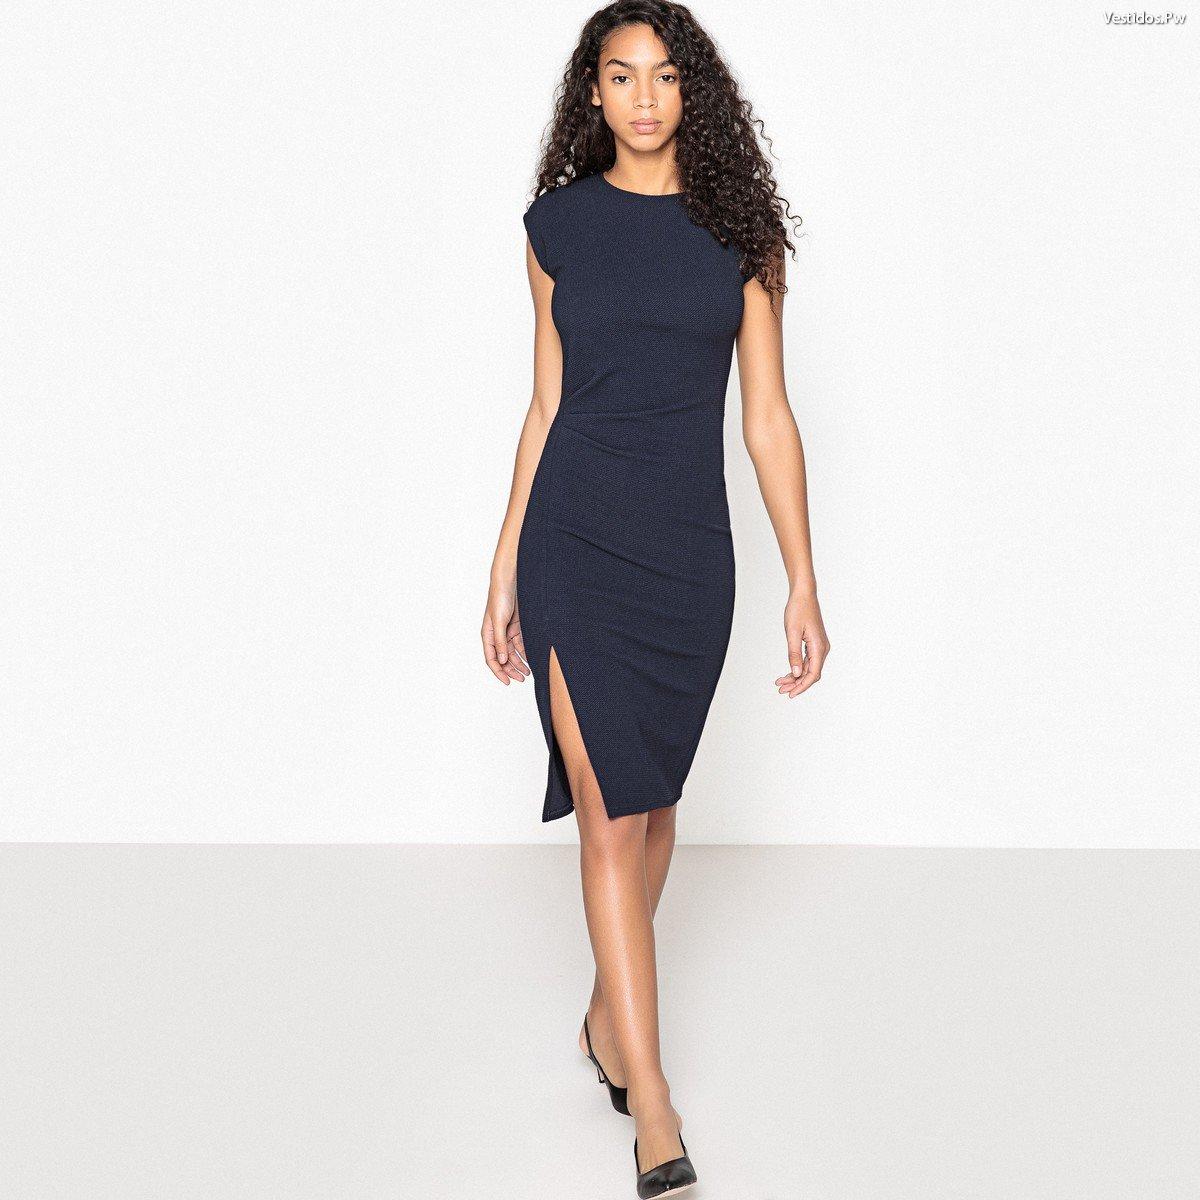 343240952a ▷ Vestidos Cortos: 64 IDEAS de Como Vestir que Están de Moda ...